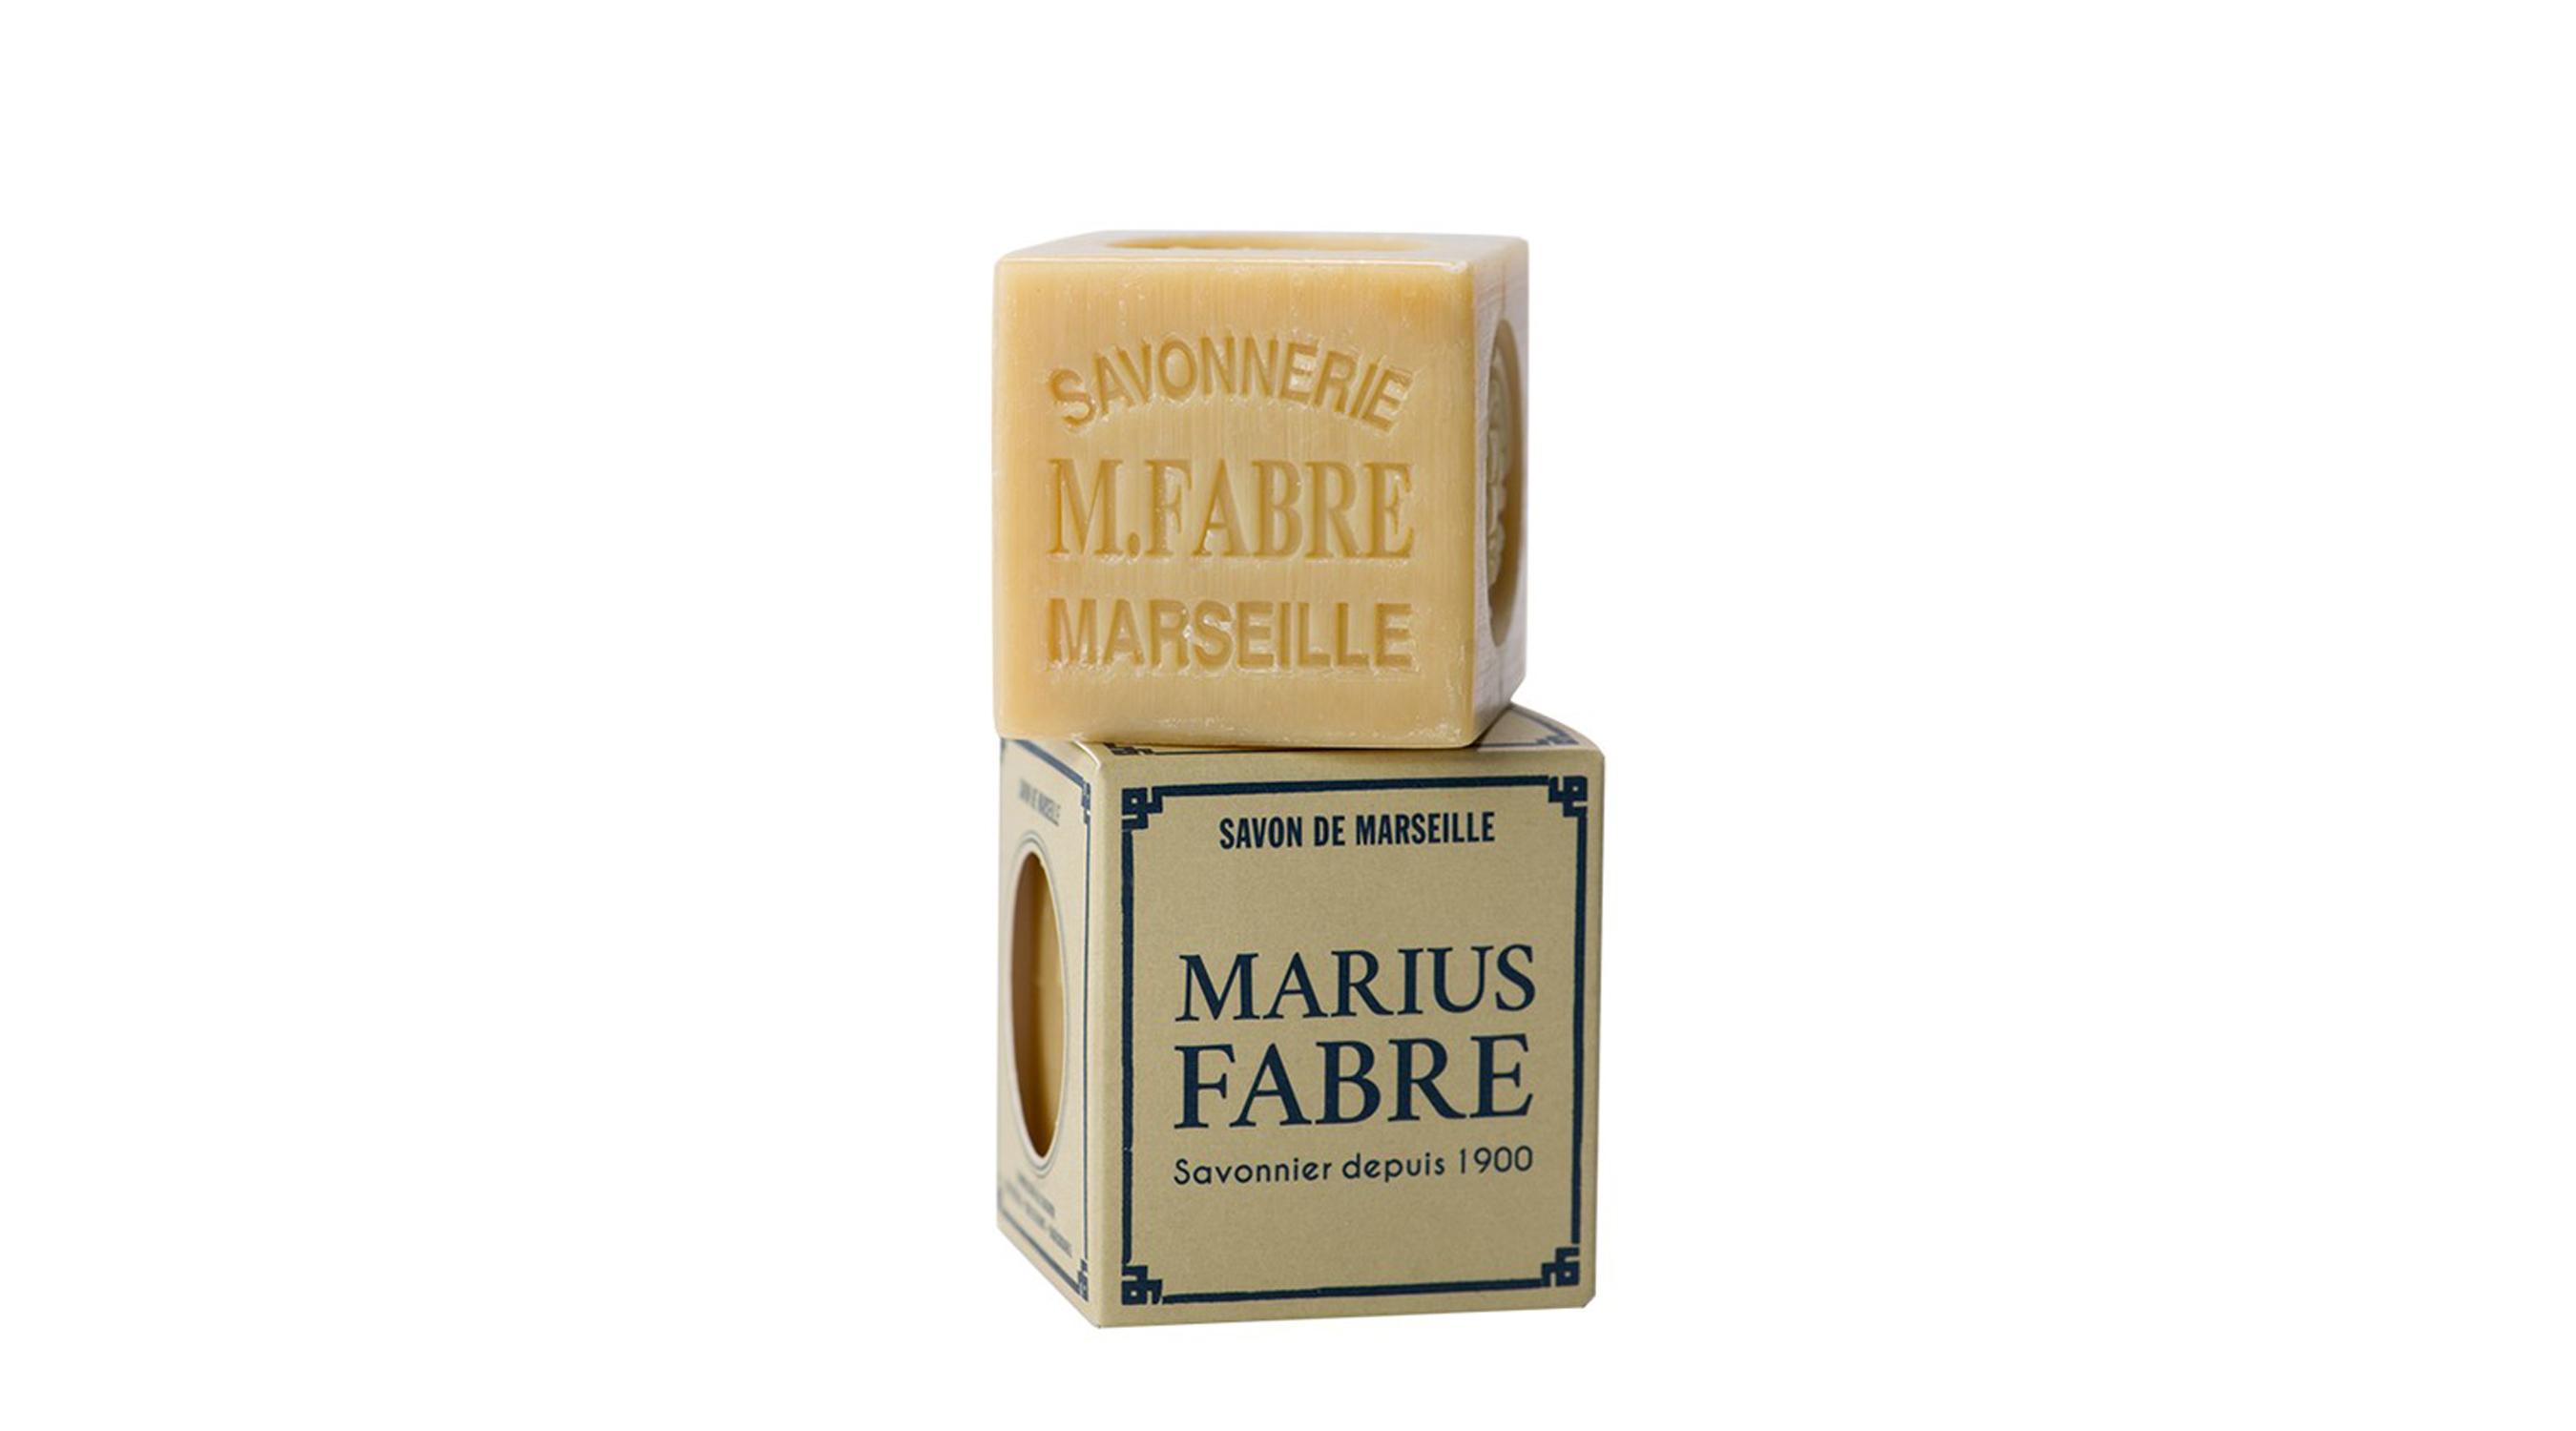 Marseille laundry soap (white)Savon de Marseille blanc, pour le linge